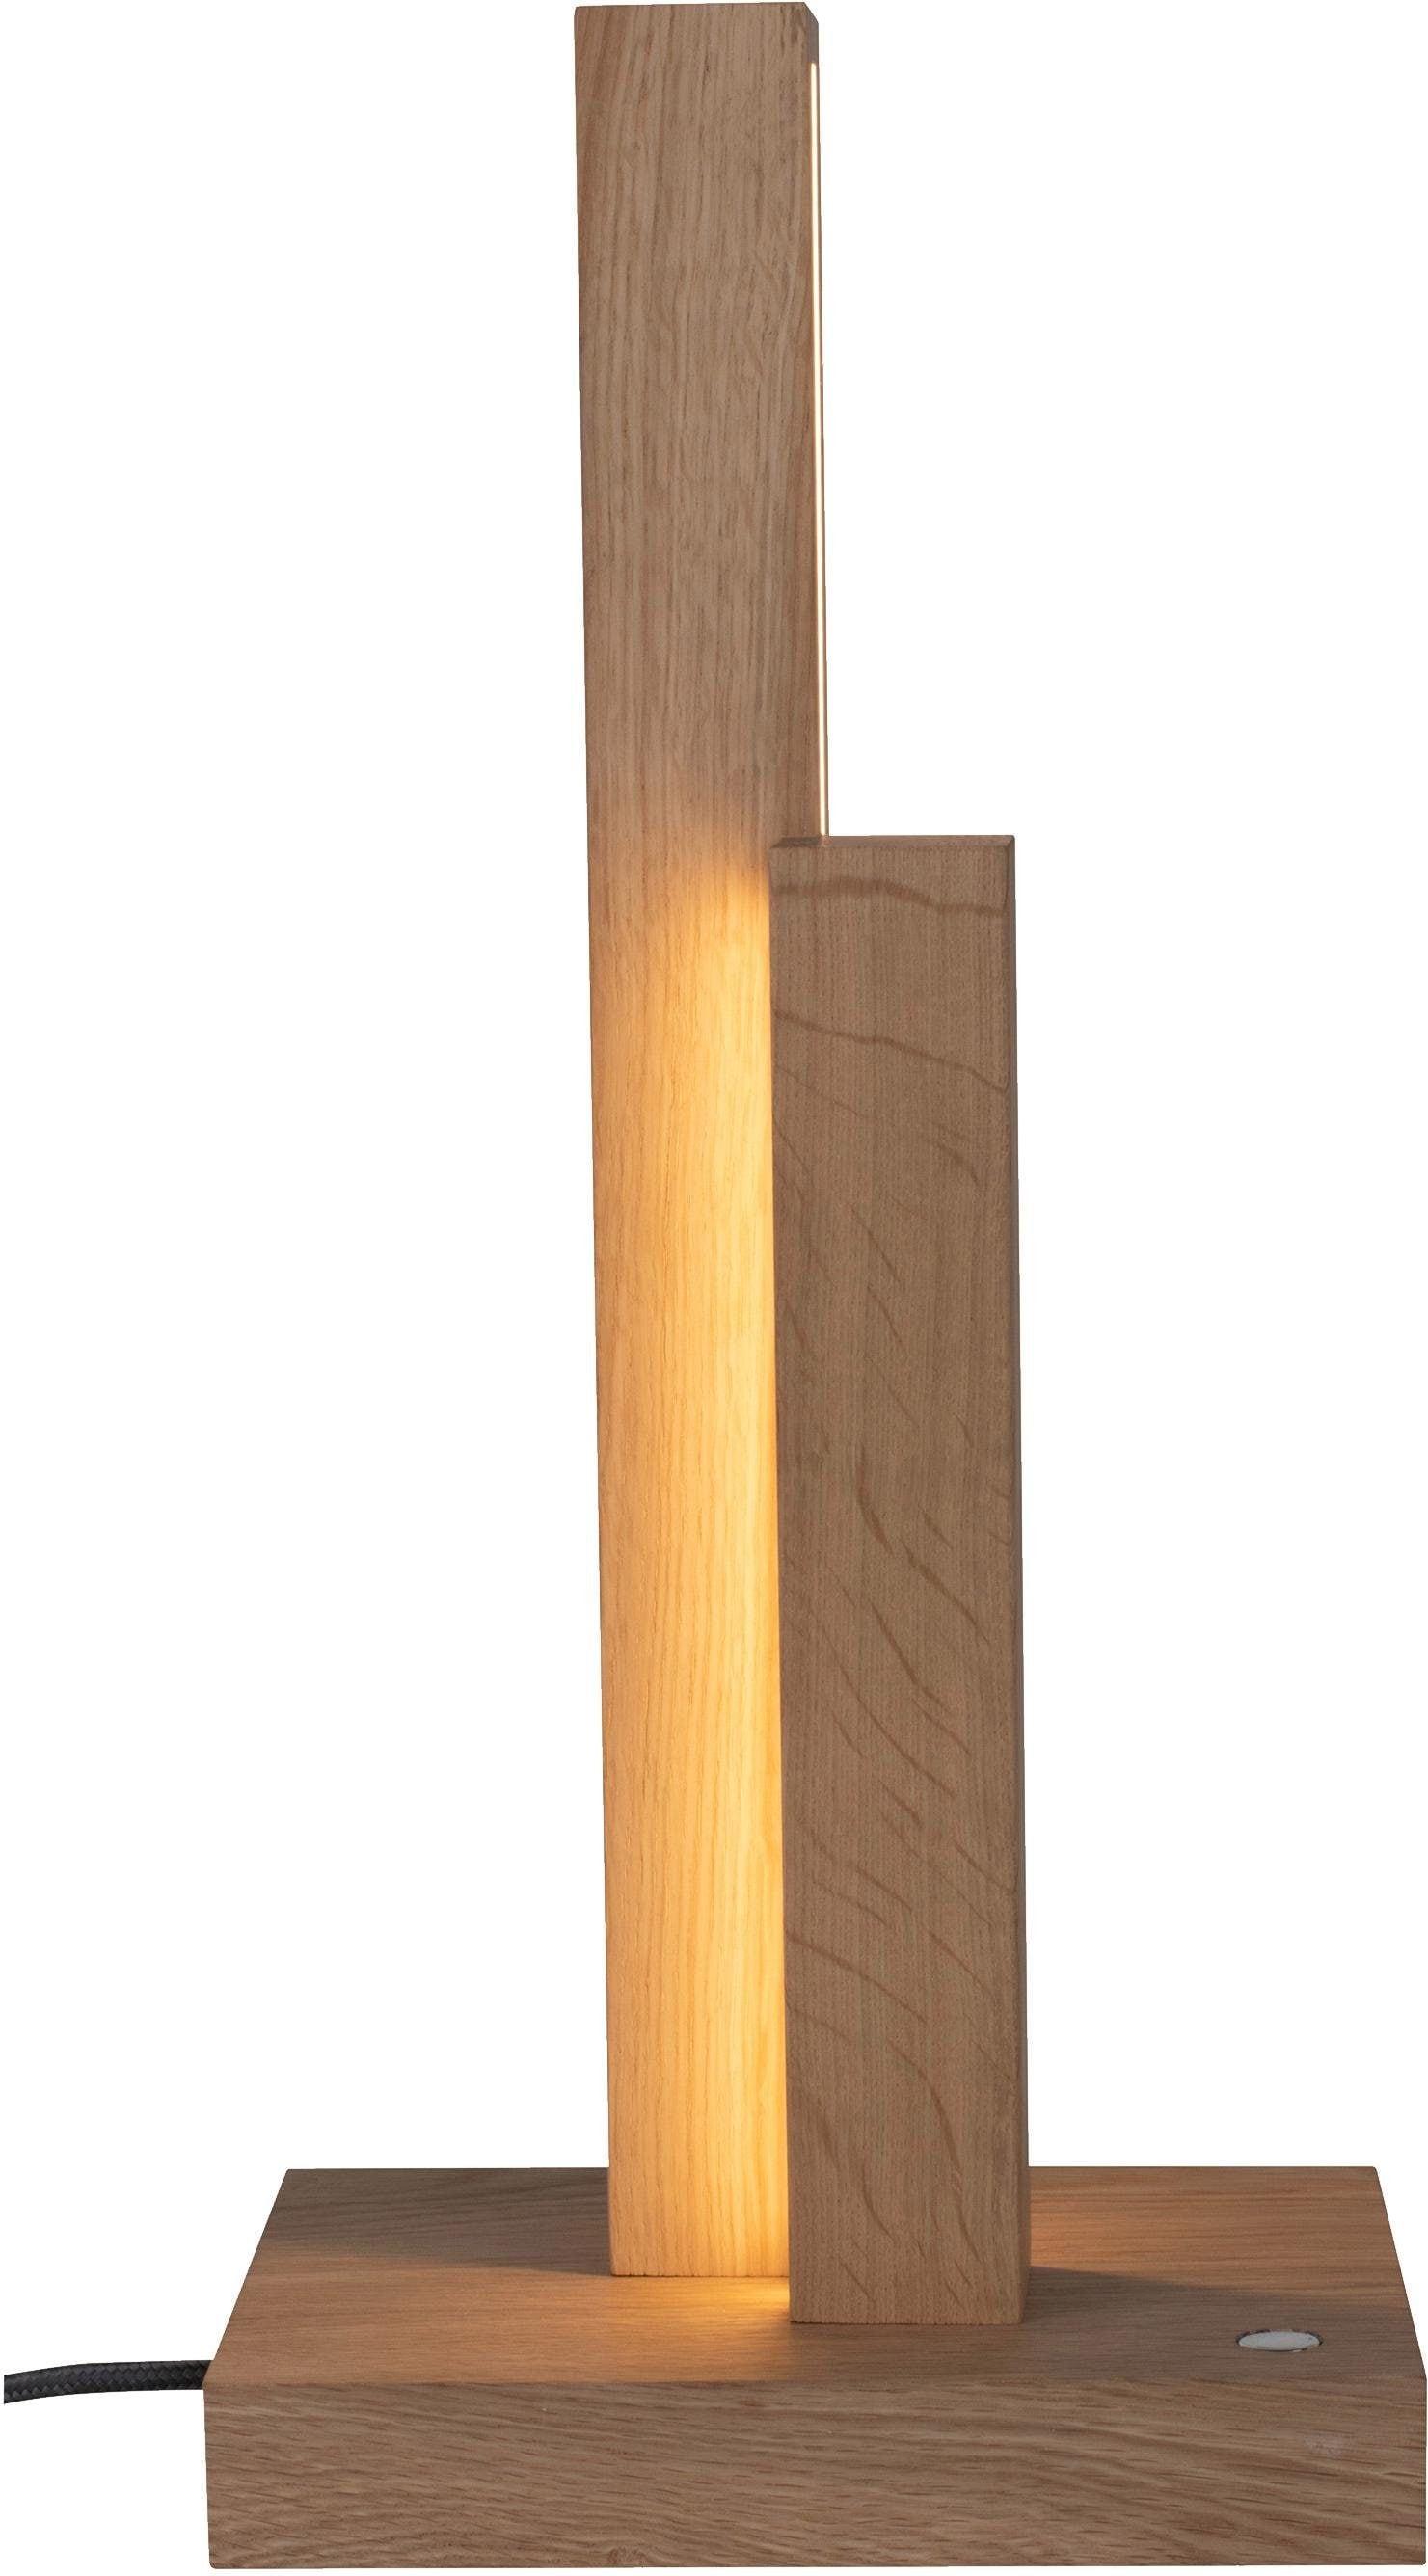 SPOT Light Tischleuchte MANHATTAN, LED-Modul, Neutralweiß, mit integriertem 24V-LED-Modul, mit Touch Dimmer und Textilkabel, aus edlem Eichenholz, Naturprodukt FSC-zertifiziert, Made in Europe